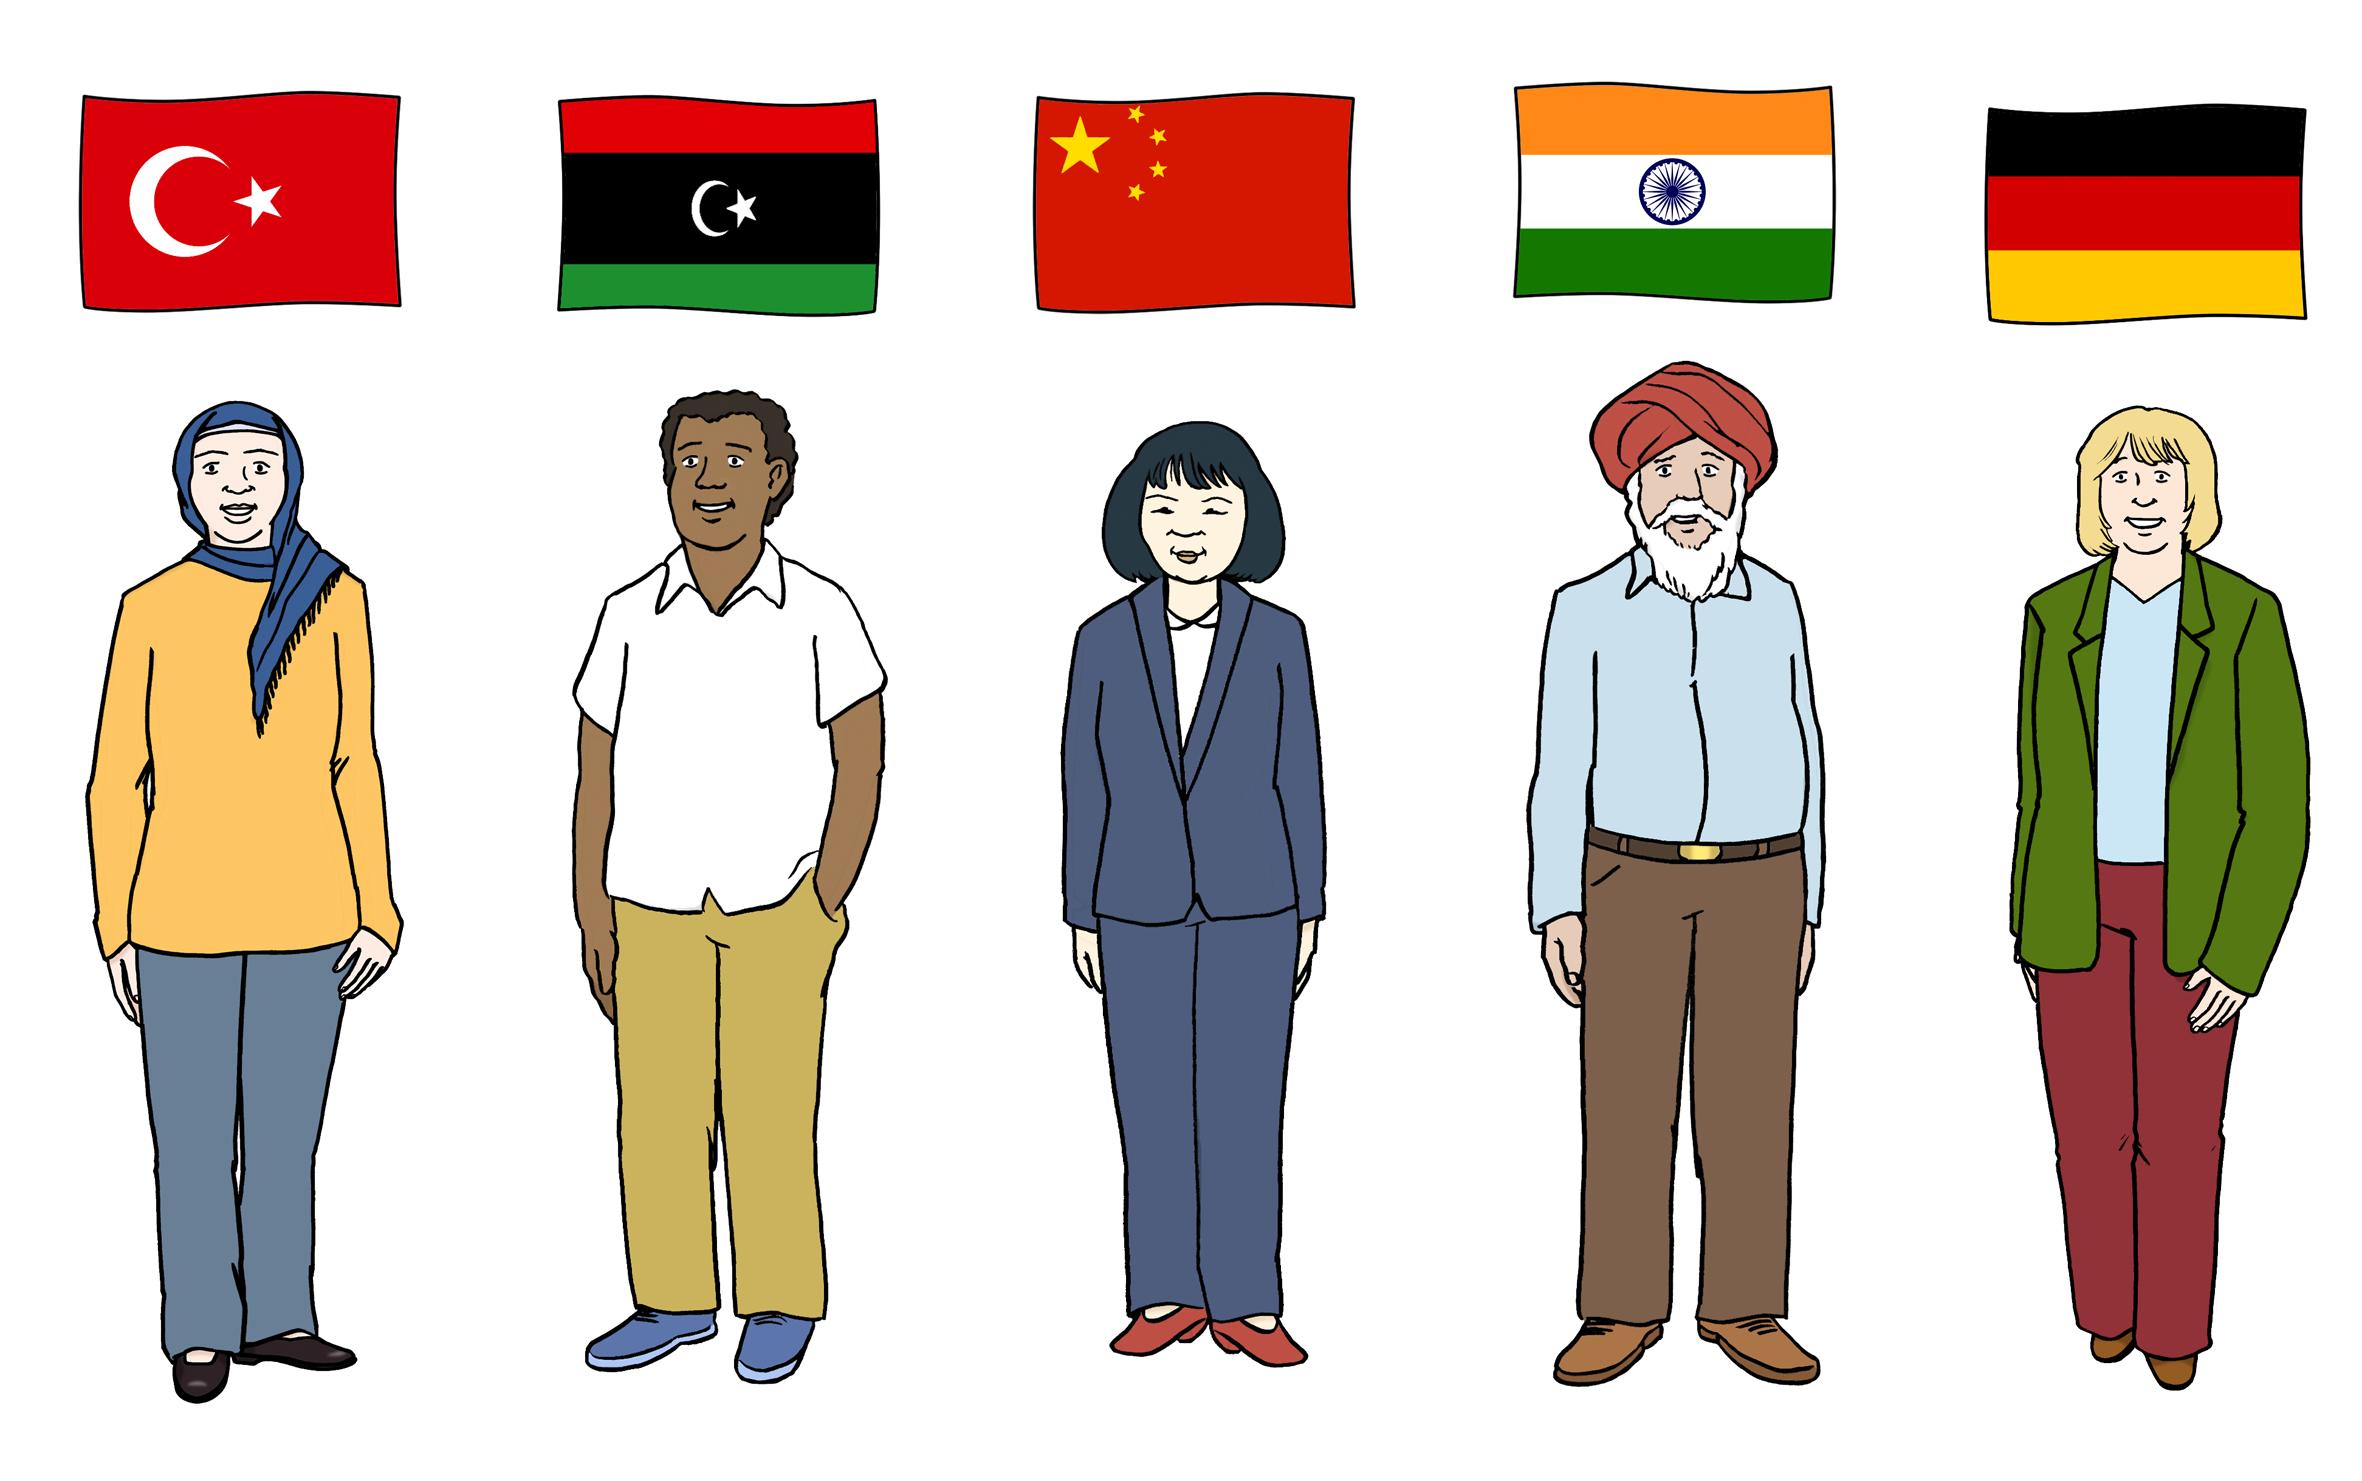 Staatsangehörigkeit - Citizenship - Leichte Sprache